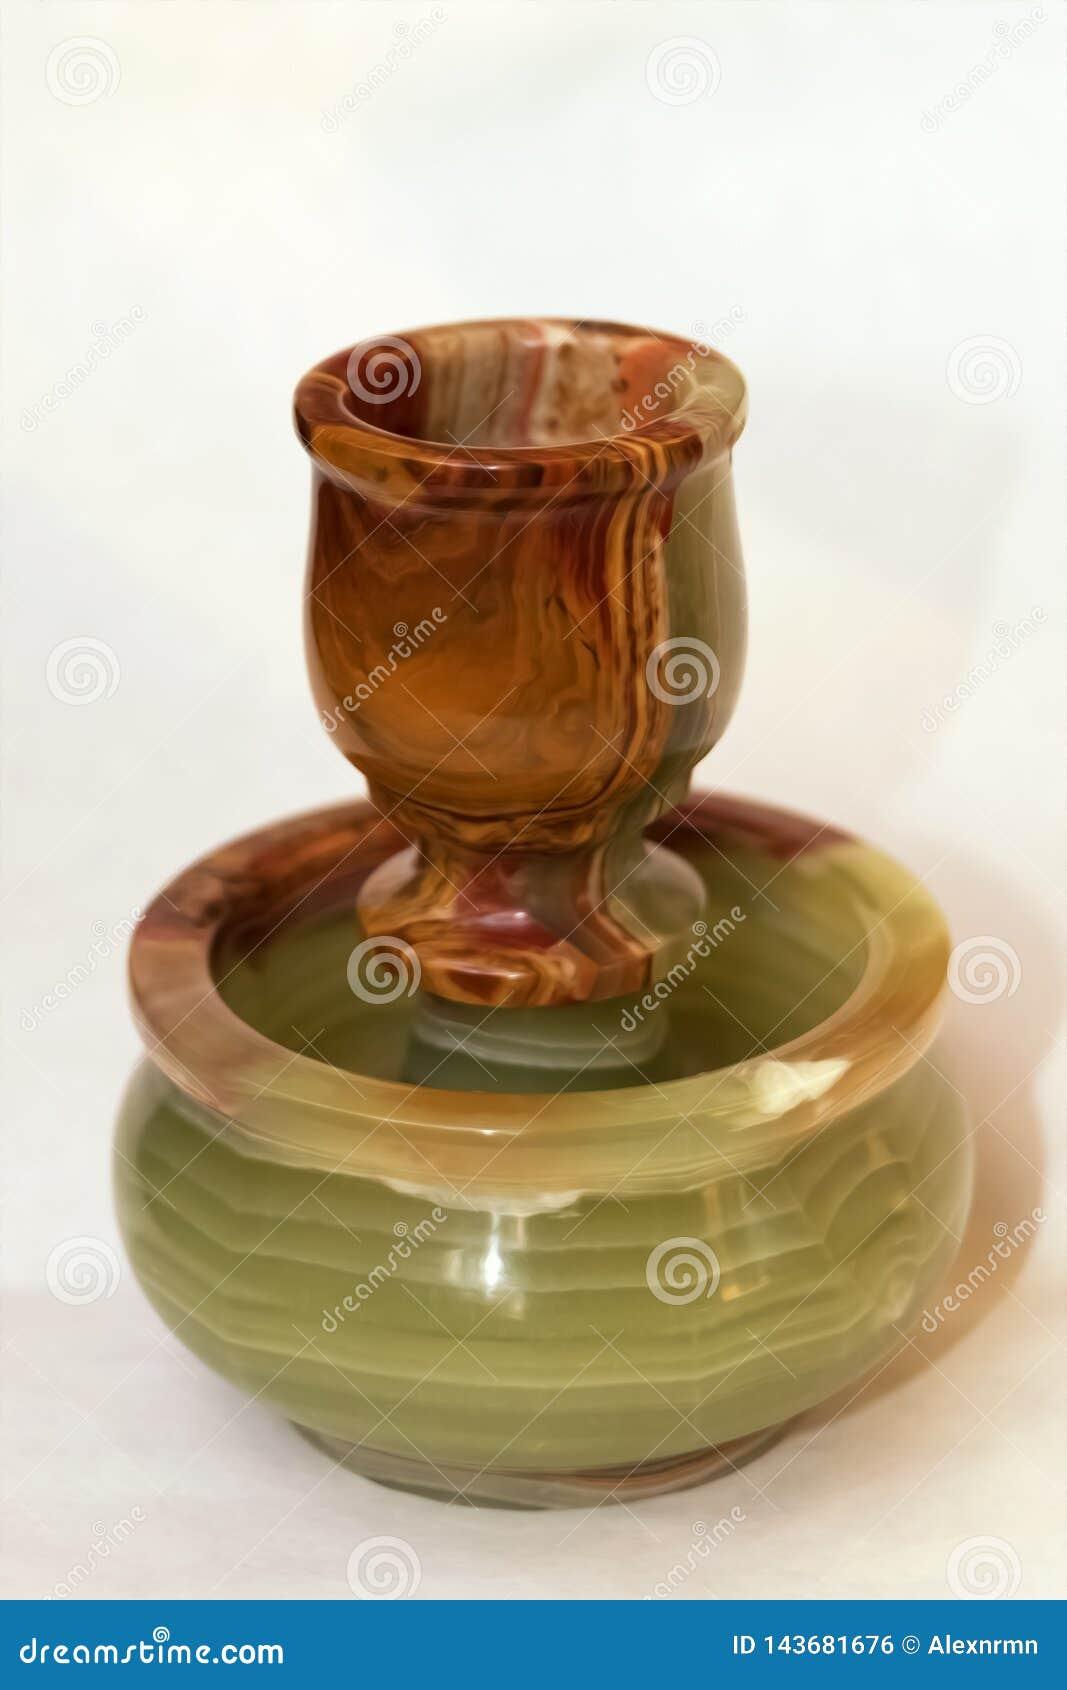 Candlestick, onyx stone vase